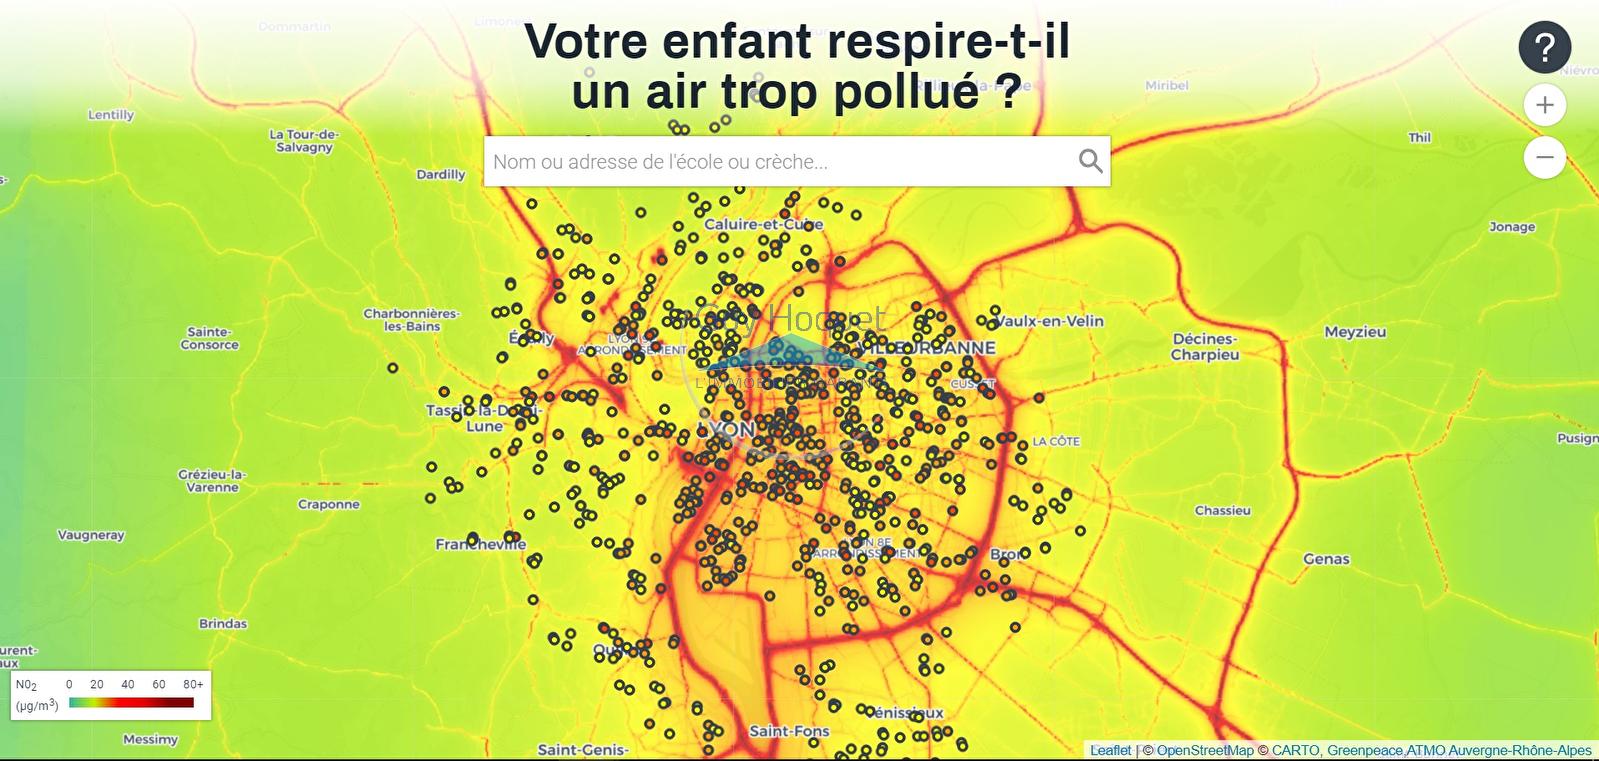 Lyon, la mauvaise qualité de l'air inquiète